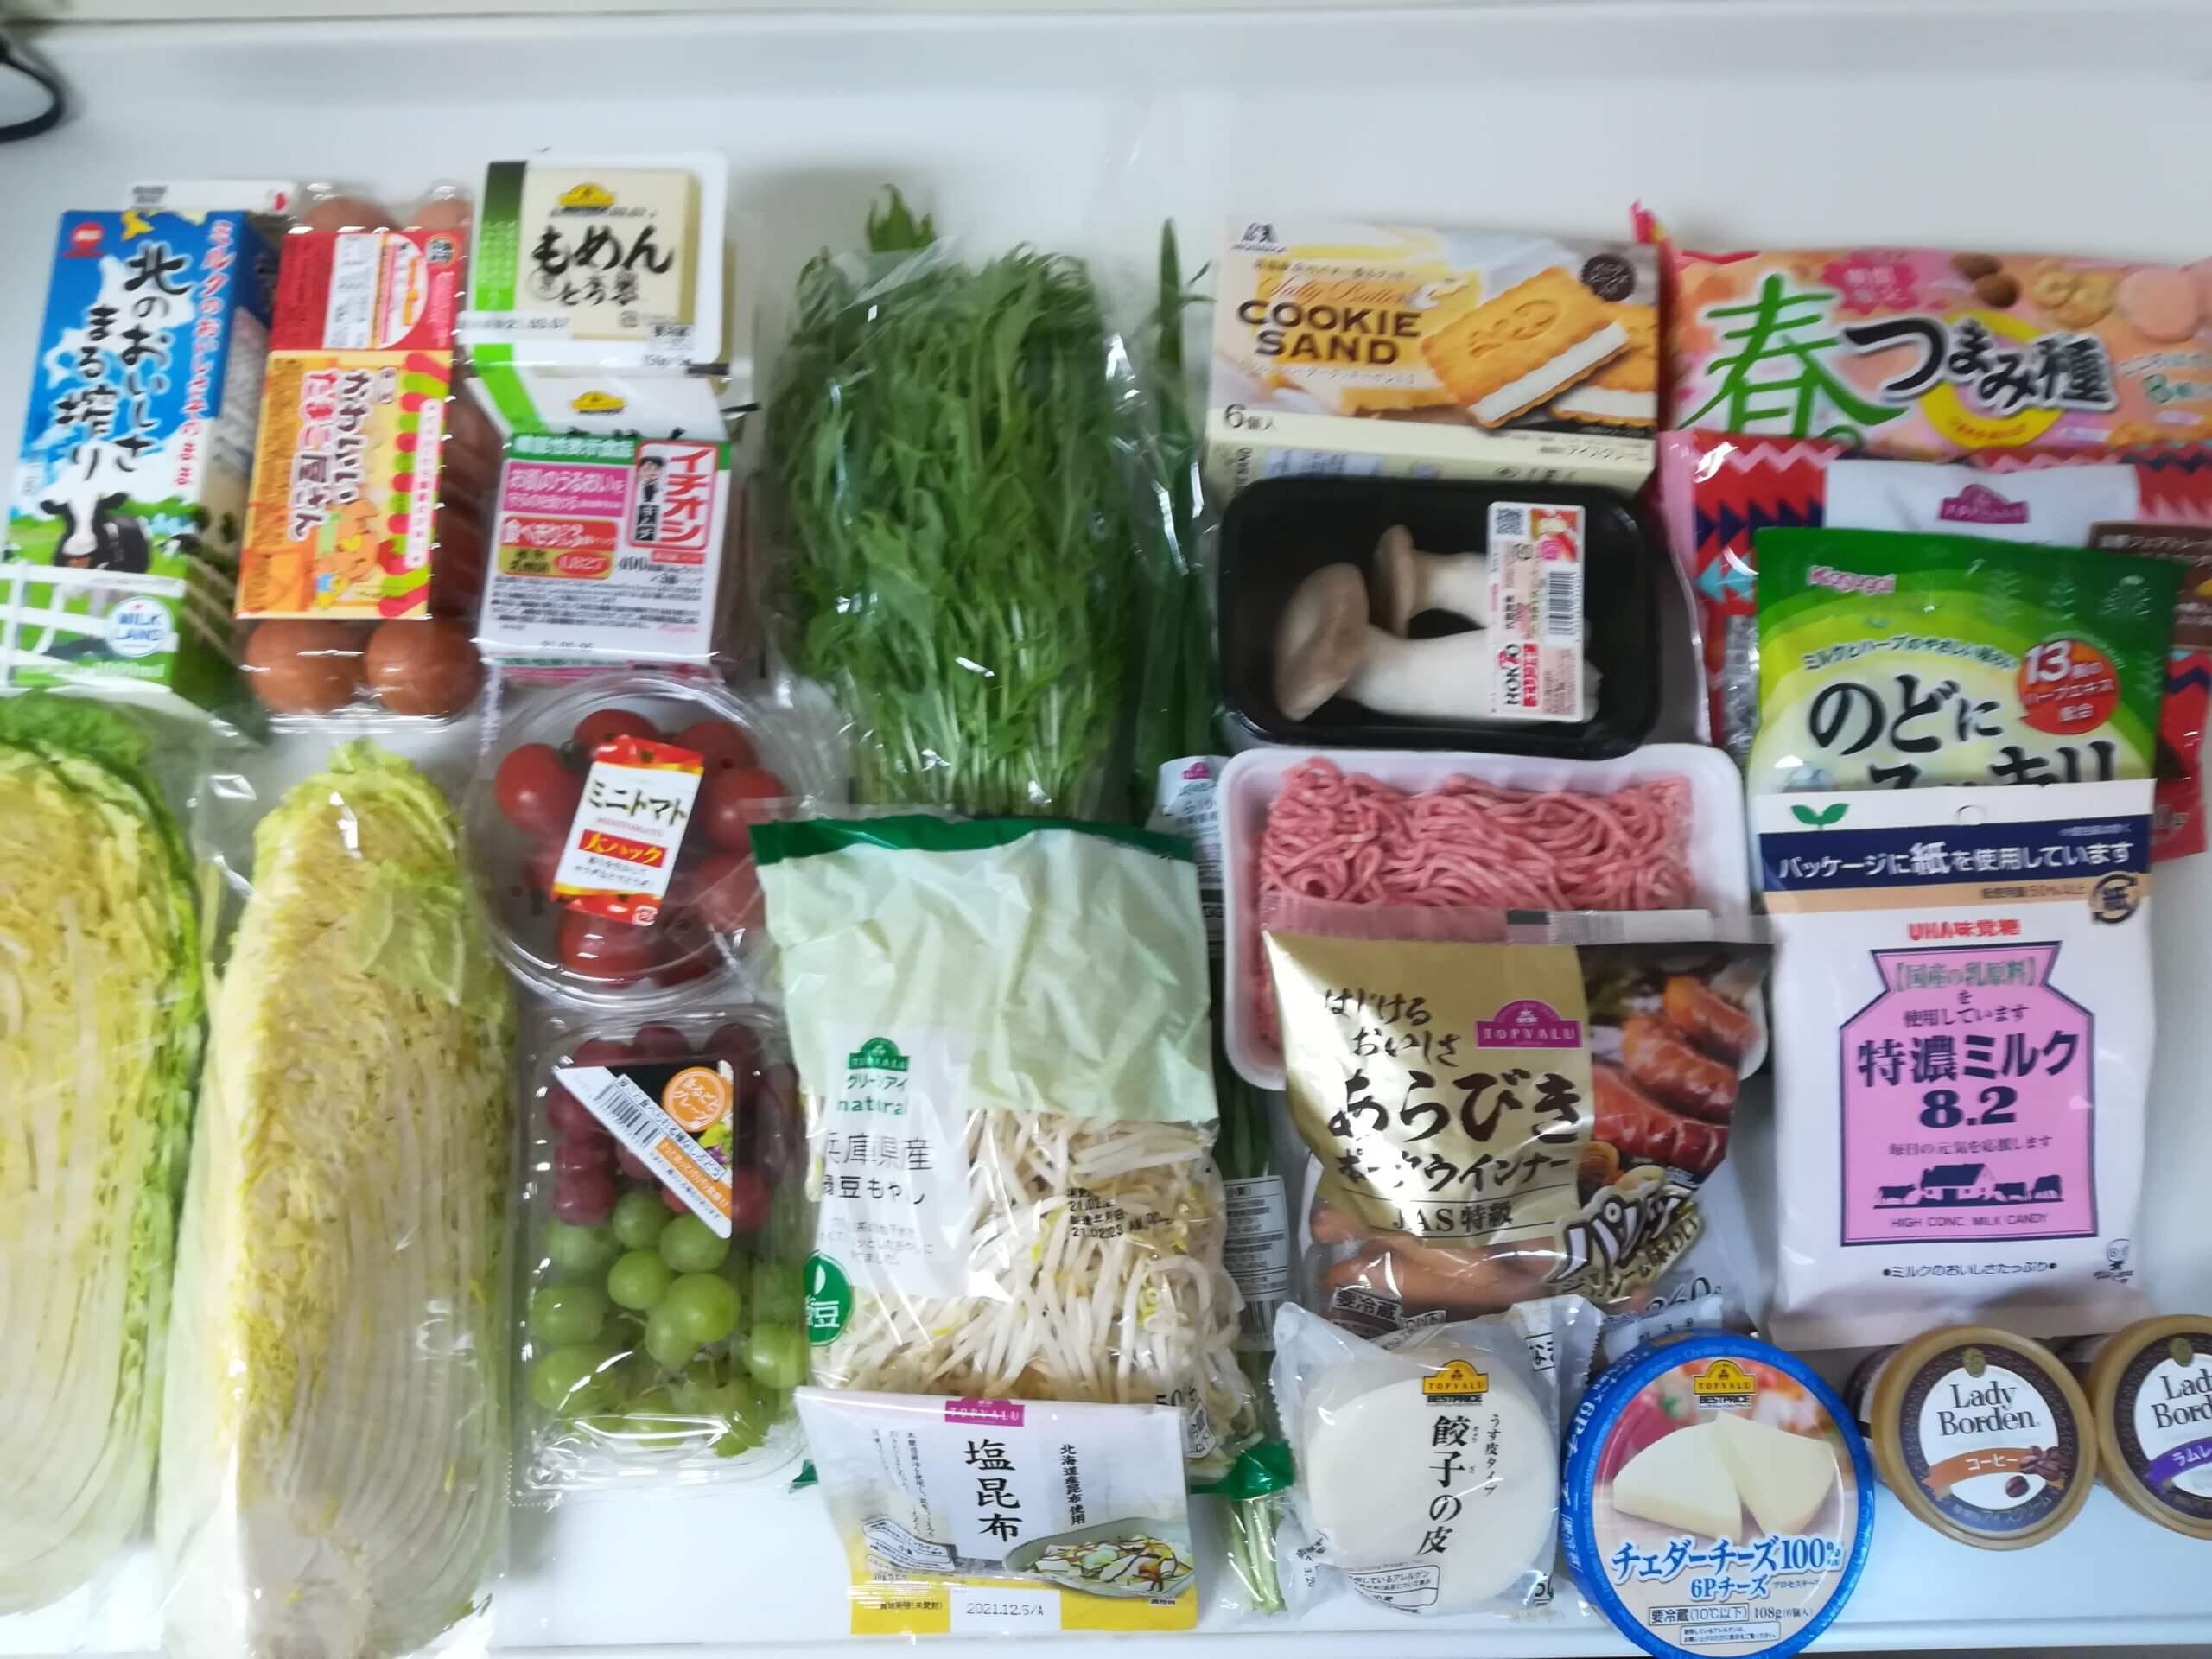 食材買い出し/白菜山盛り/レディーボーデン